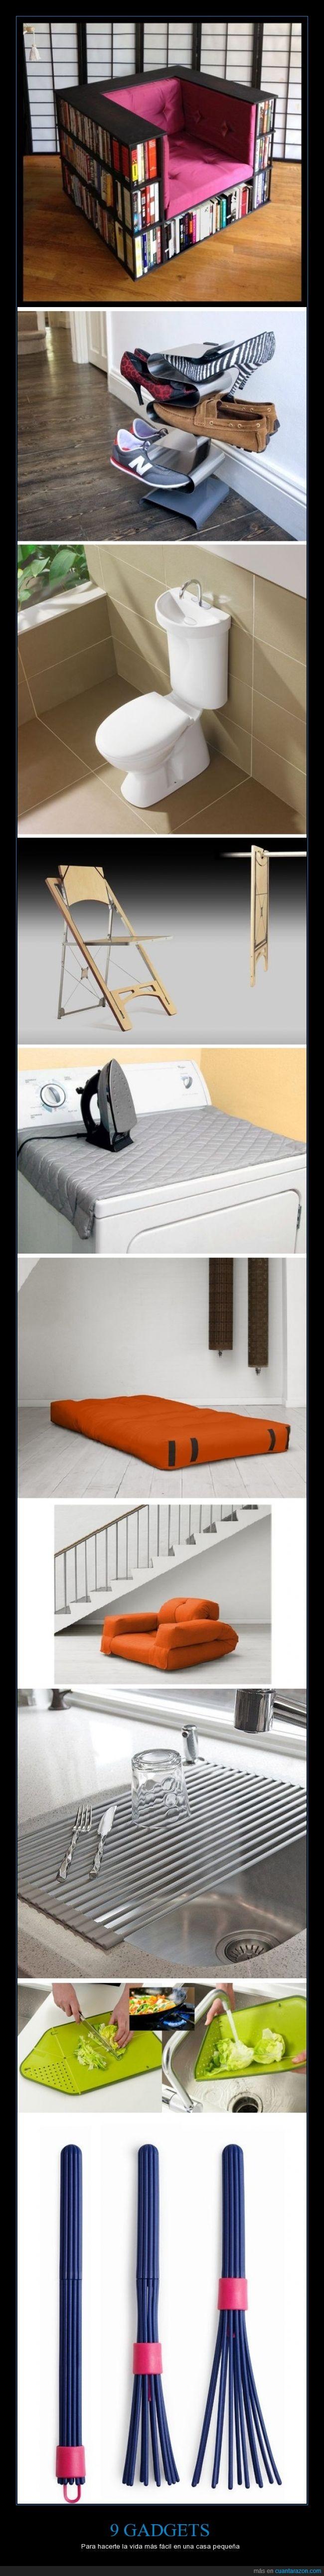 cama,casa pequeña,cocina,colchon,fácil,gadgets,lavabo,objetos,silla,sofa,vida